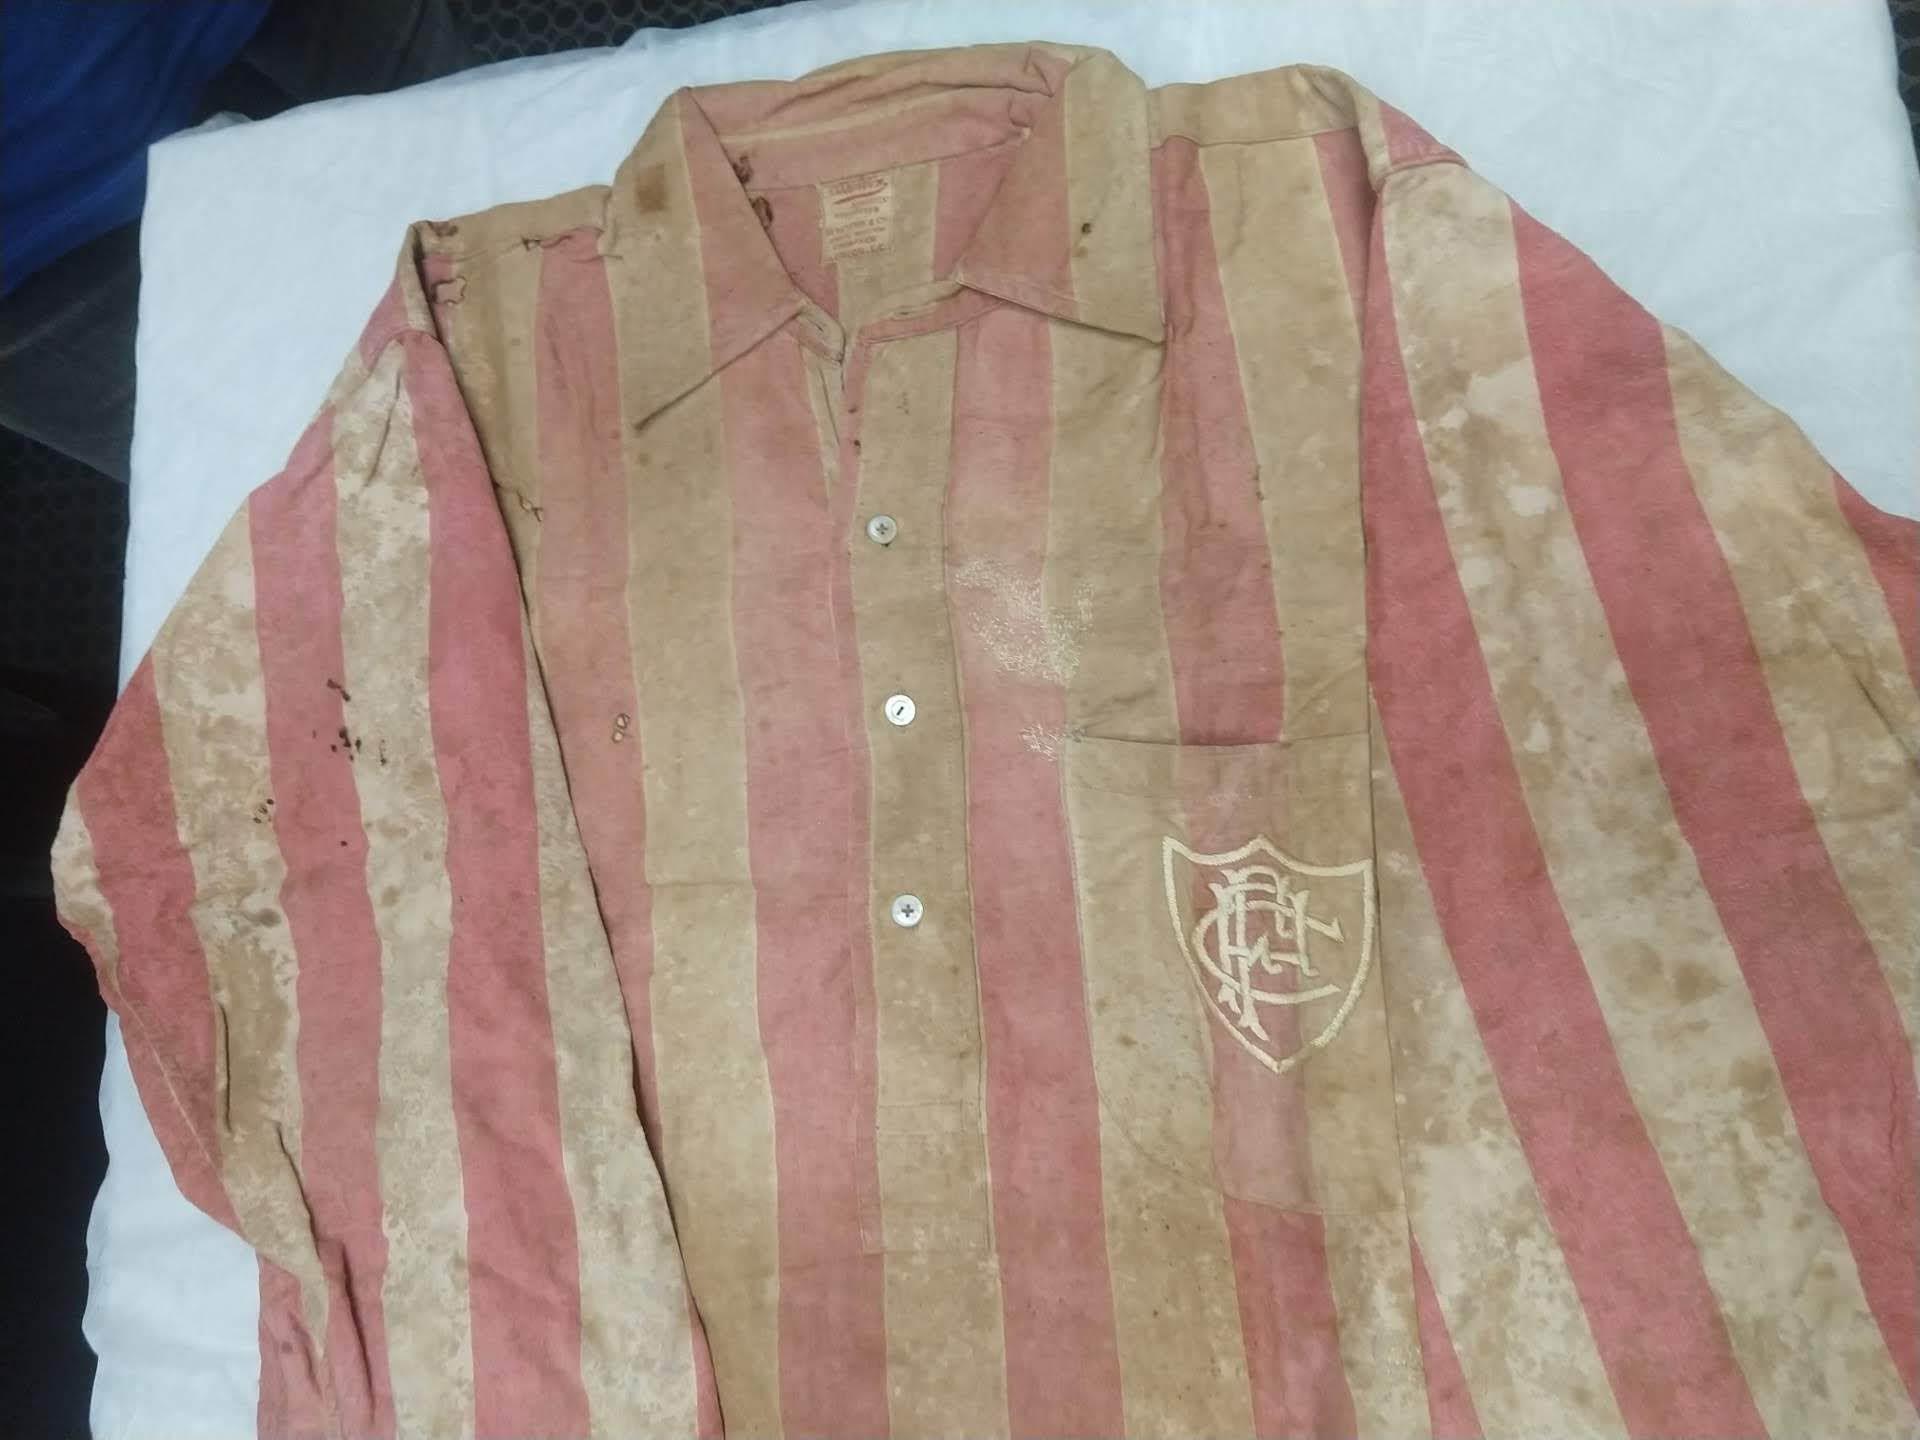 Camisa desbotada do Fluminense usada em 1906